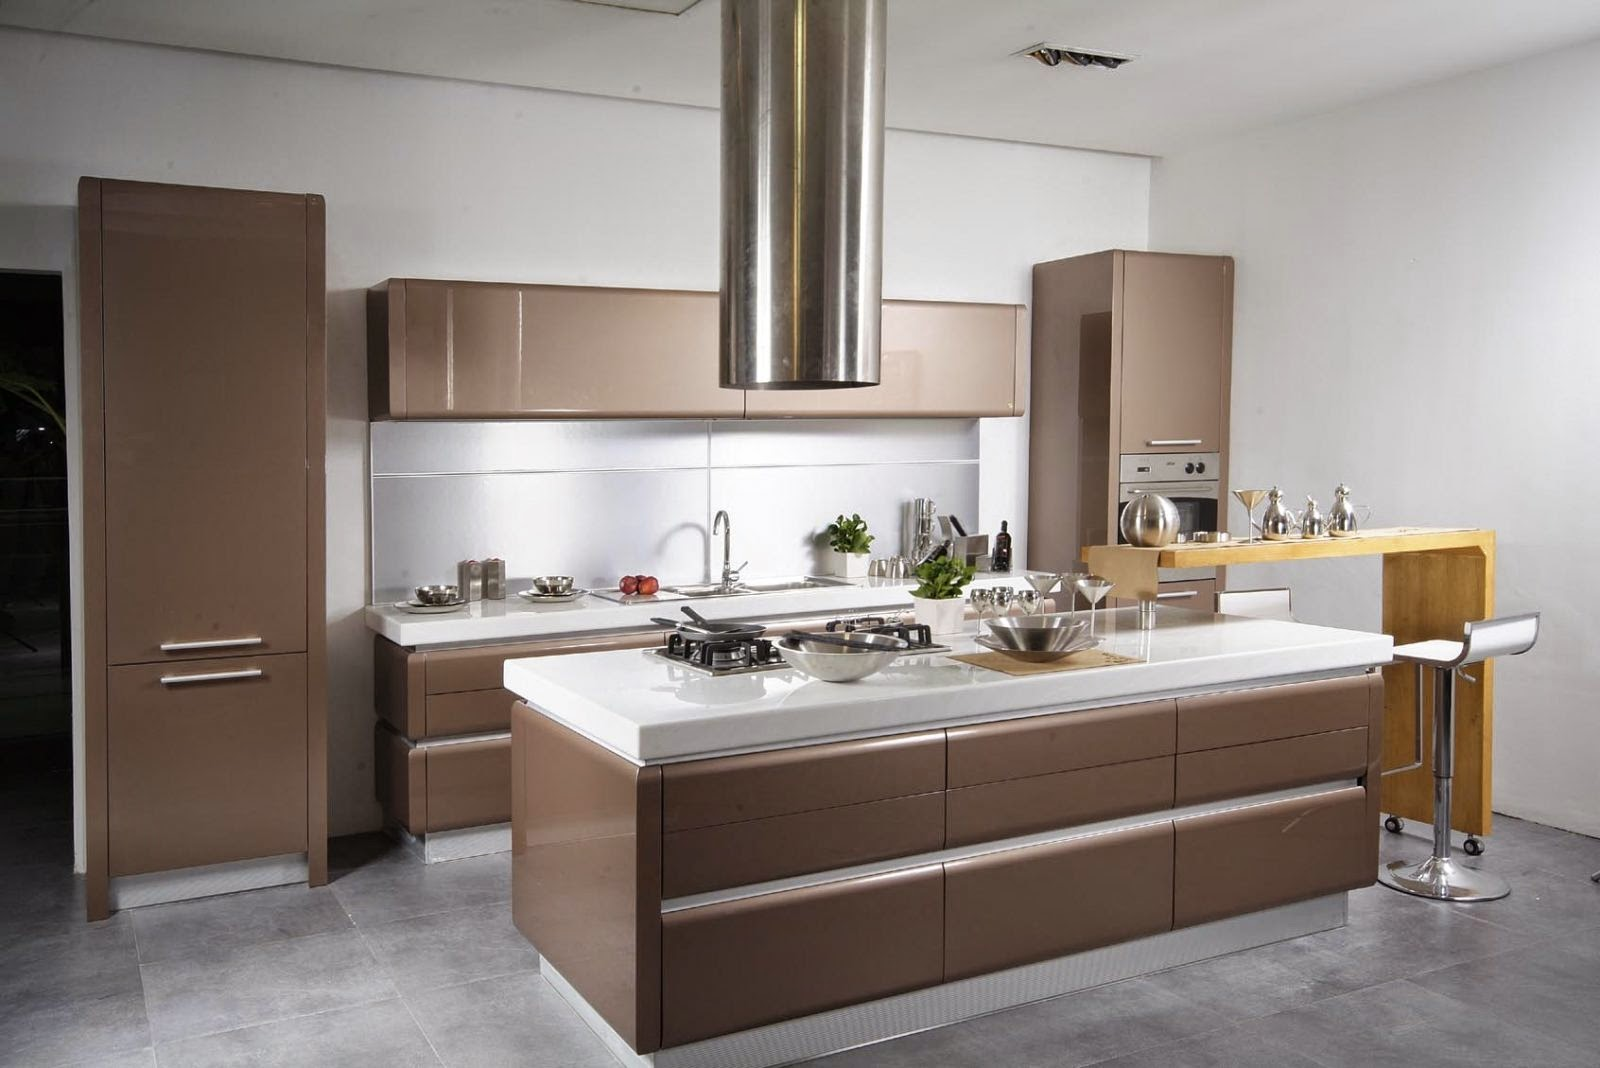 Gallart grupo el blog suelos y puertas de madera en asturias junio 2014 - Muebles de cocina asturias ...